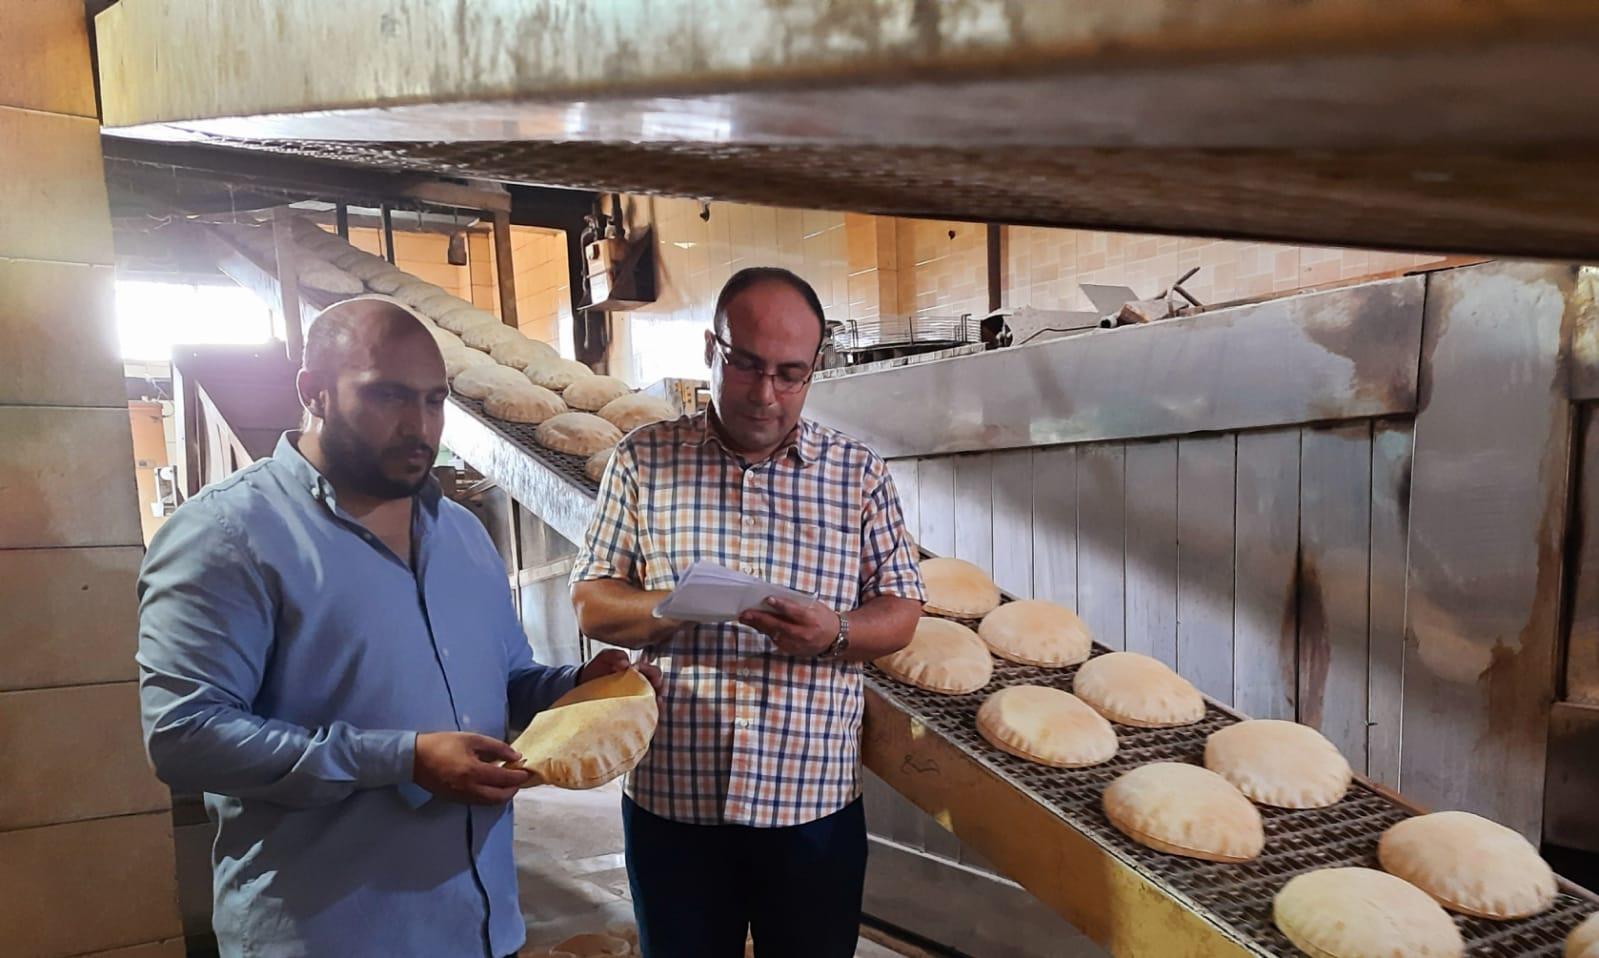 ضبط مخابز لتصرفهم في الدقيق المدعم وإنتاج خبز ناقص الوزن بمركز المنصورة  صور